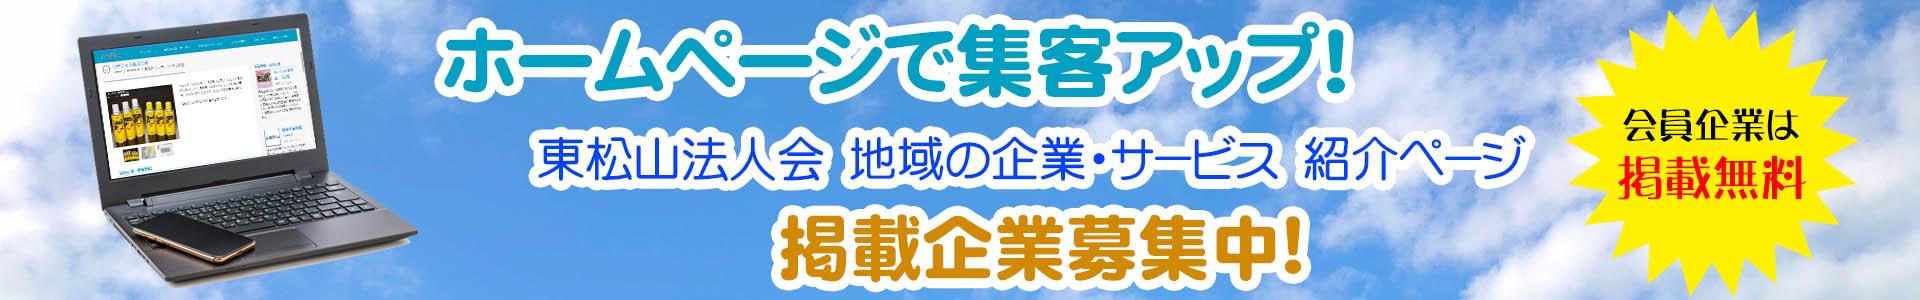 東松山法人会 企業情報 掲載企業募集中